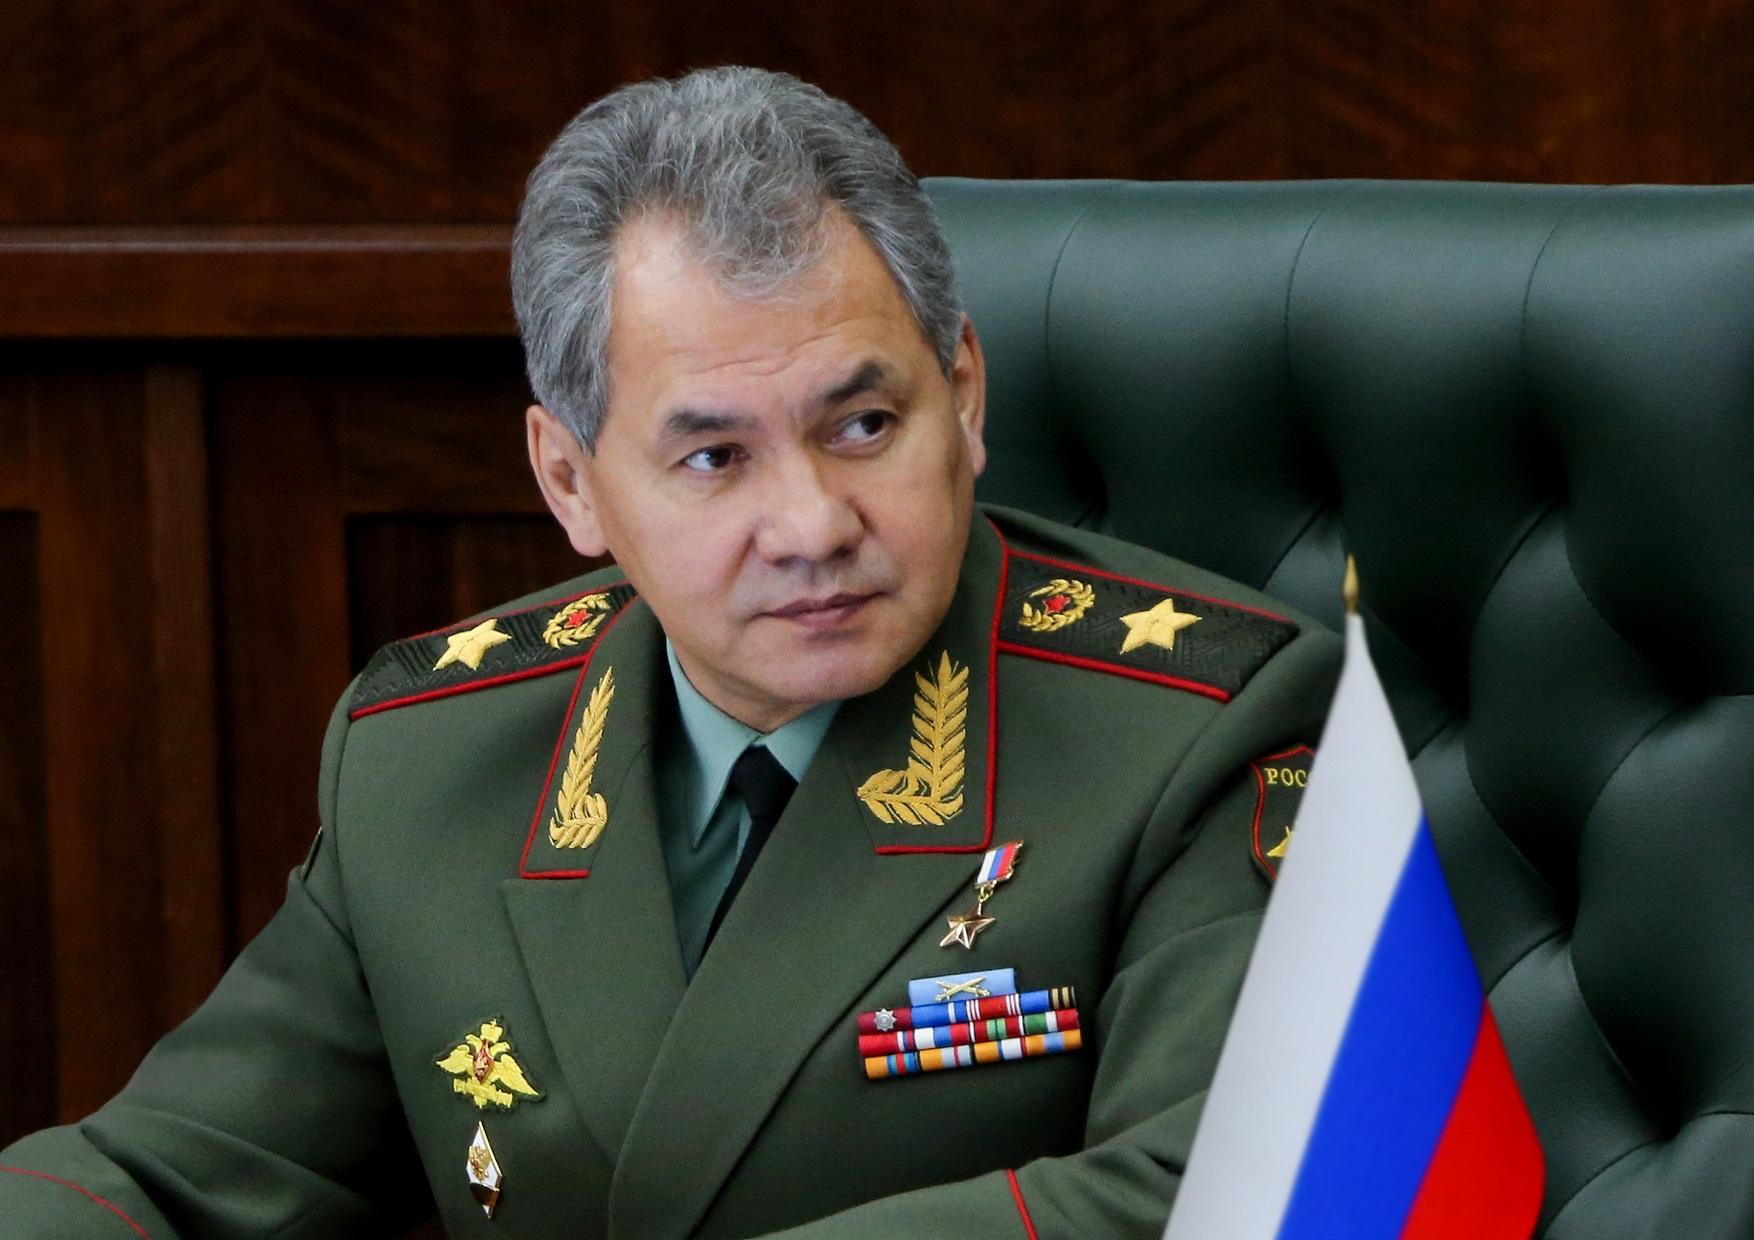 Сергей Шойгу поздравил военных и ветеранов с Днем Победы